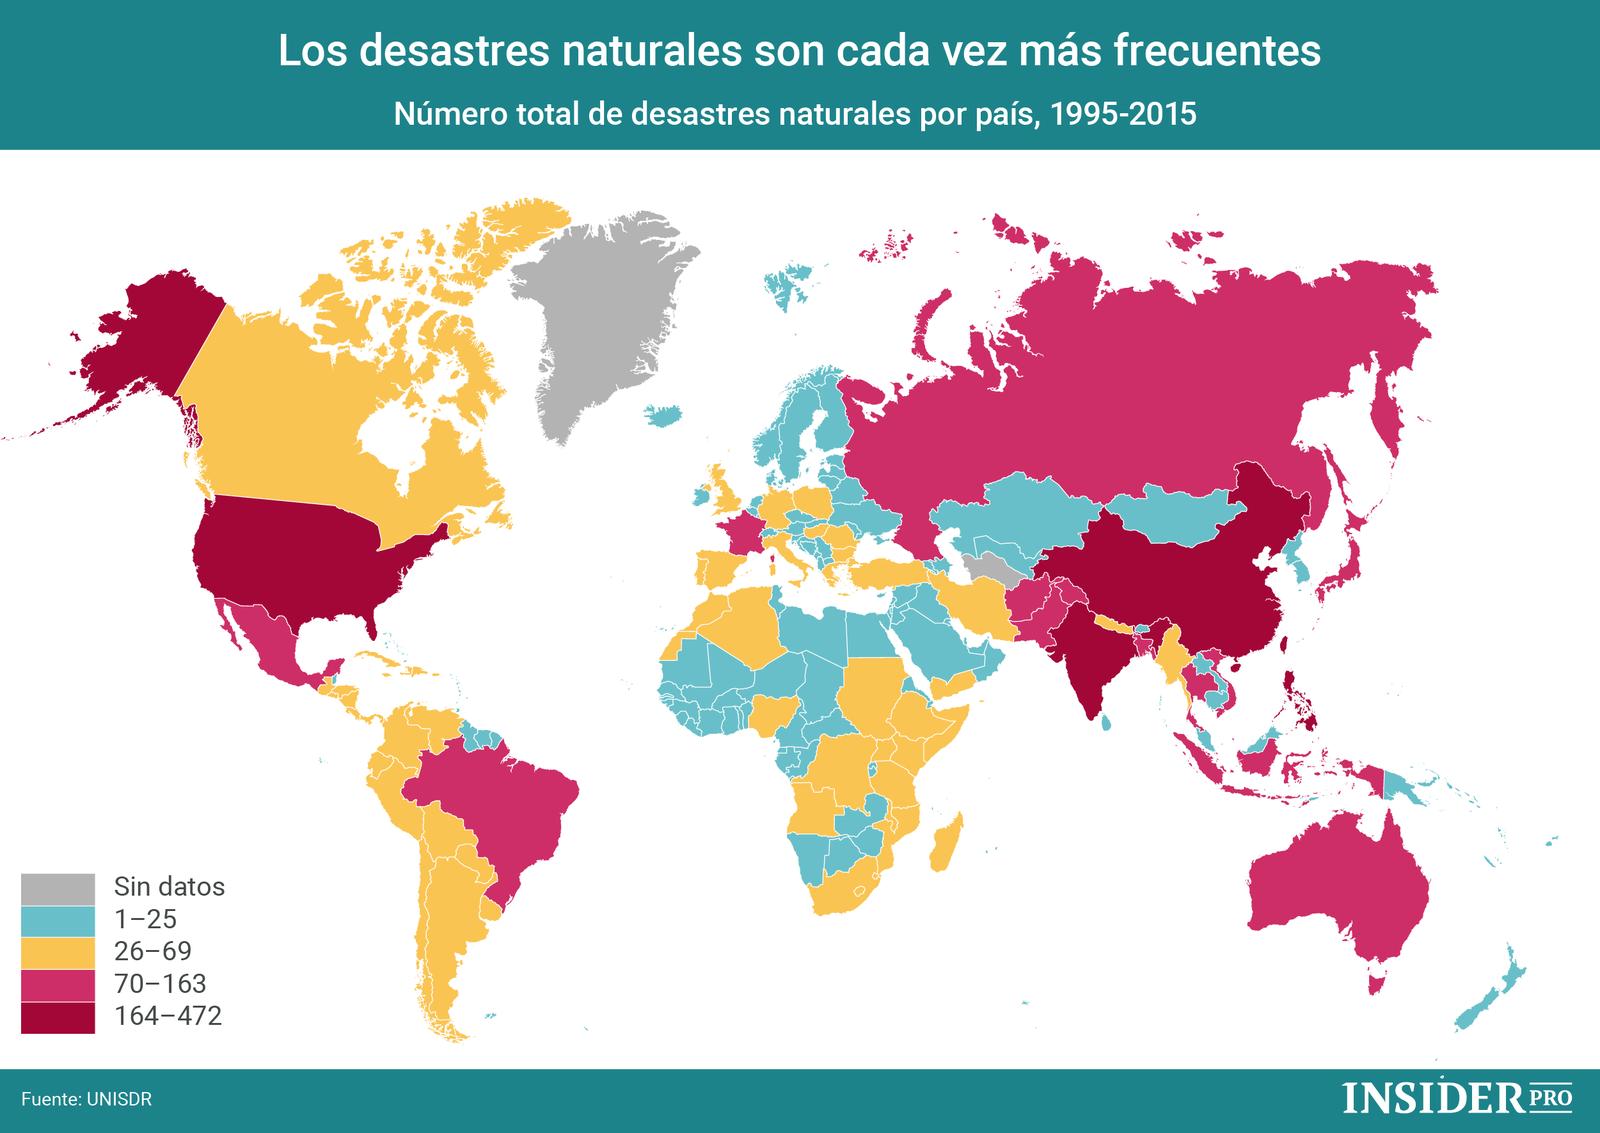 Gráfico del día: Los desastres naturales son cada vez más frecuentes